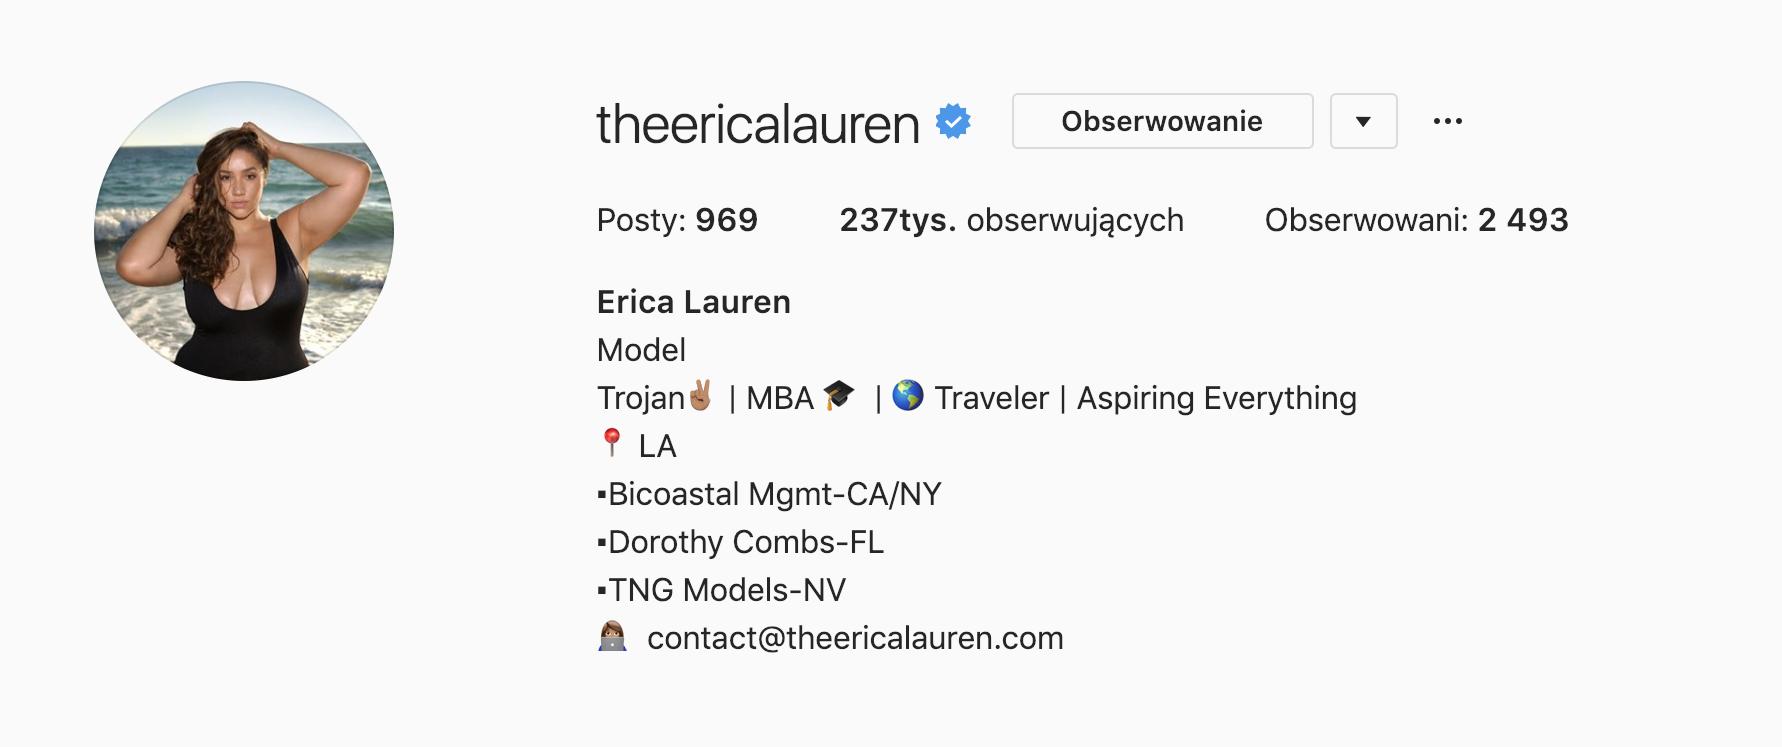 Erica Lauren